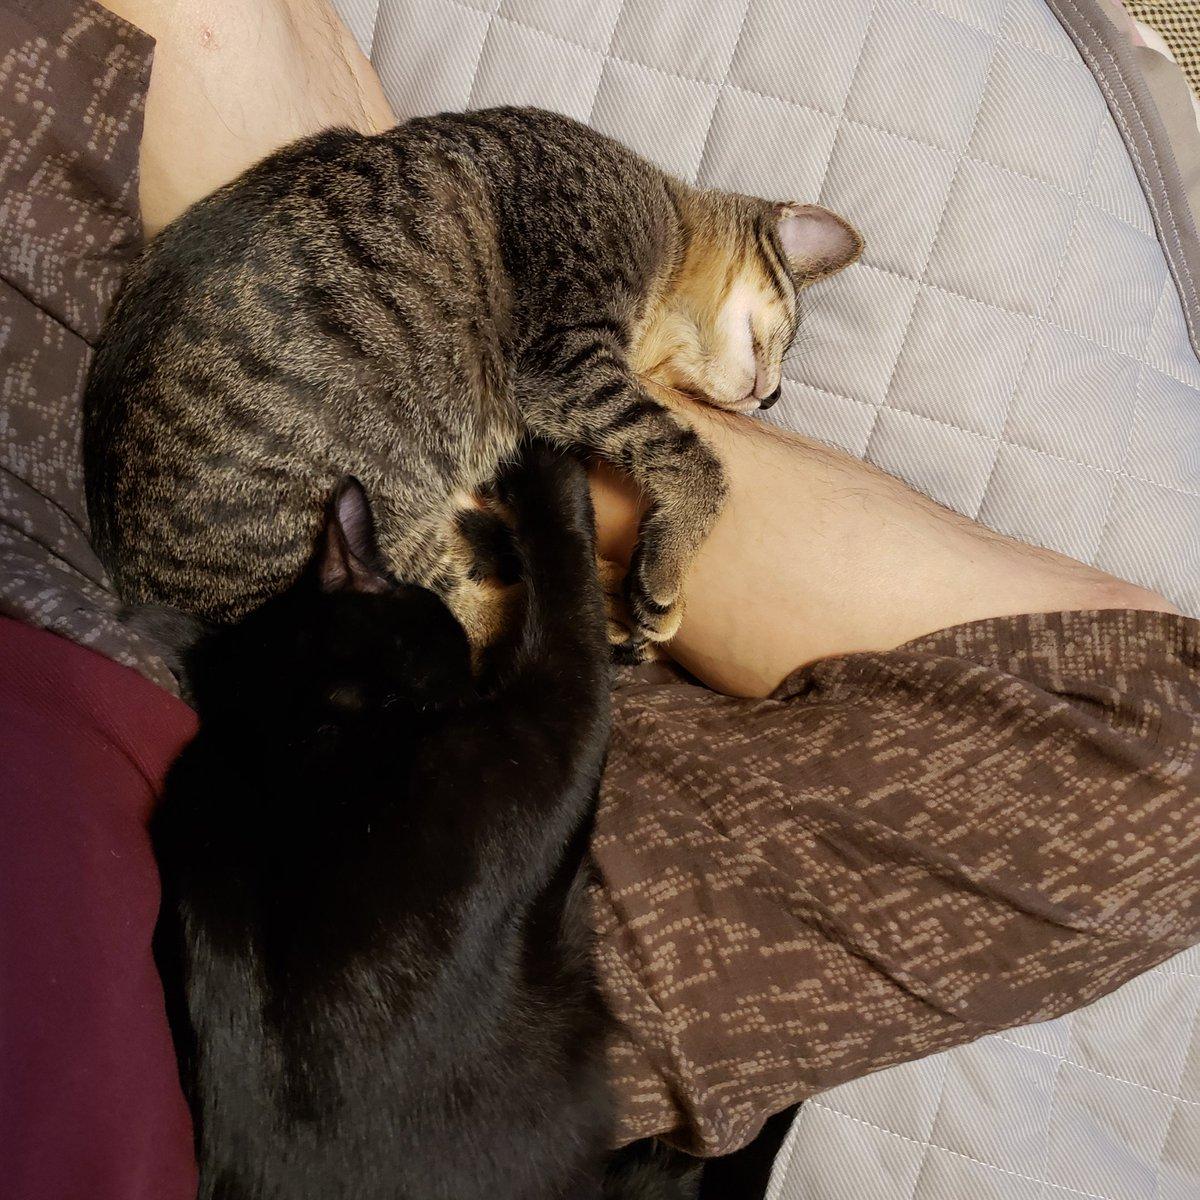 休みの日は、一日中離れない(笑) 『お前ら本当に俺の事が好きだな』 (笑)(笑)(笑)  #保護猫   #猫の居る生活   #100日後にはデッカクなっちゃう子猫達 ウチに来て85日目 https://t.co/XB1je60mnb